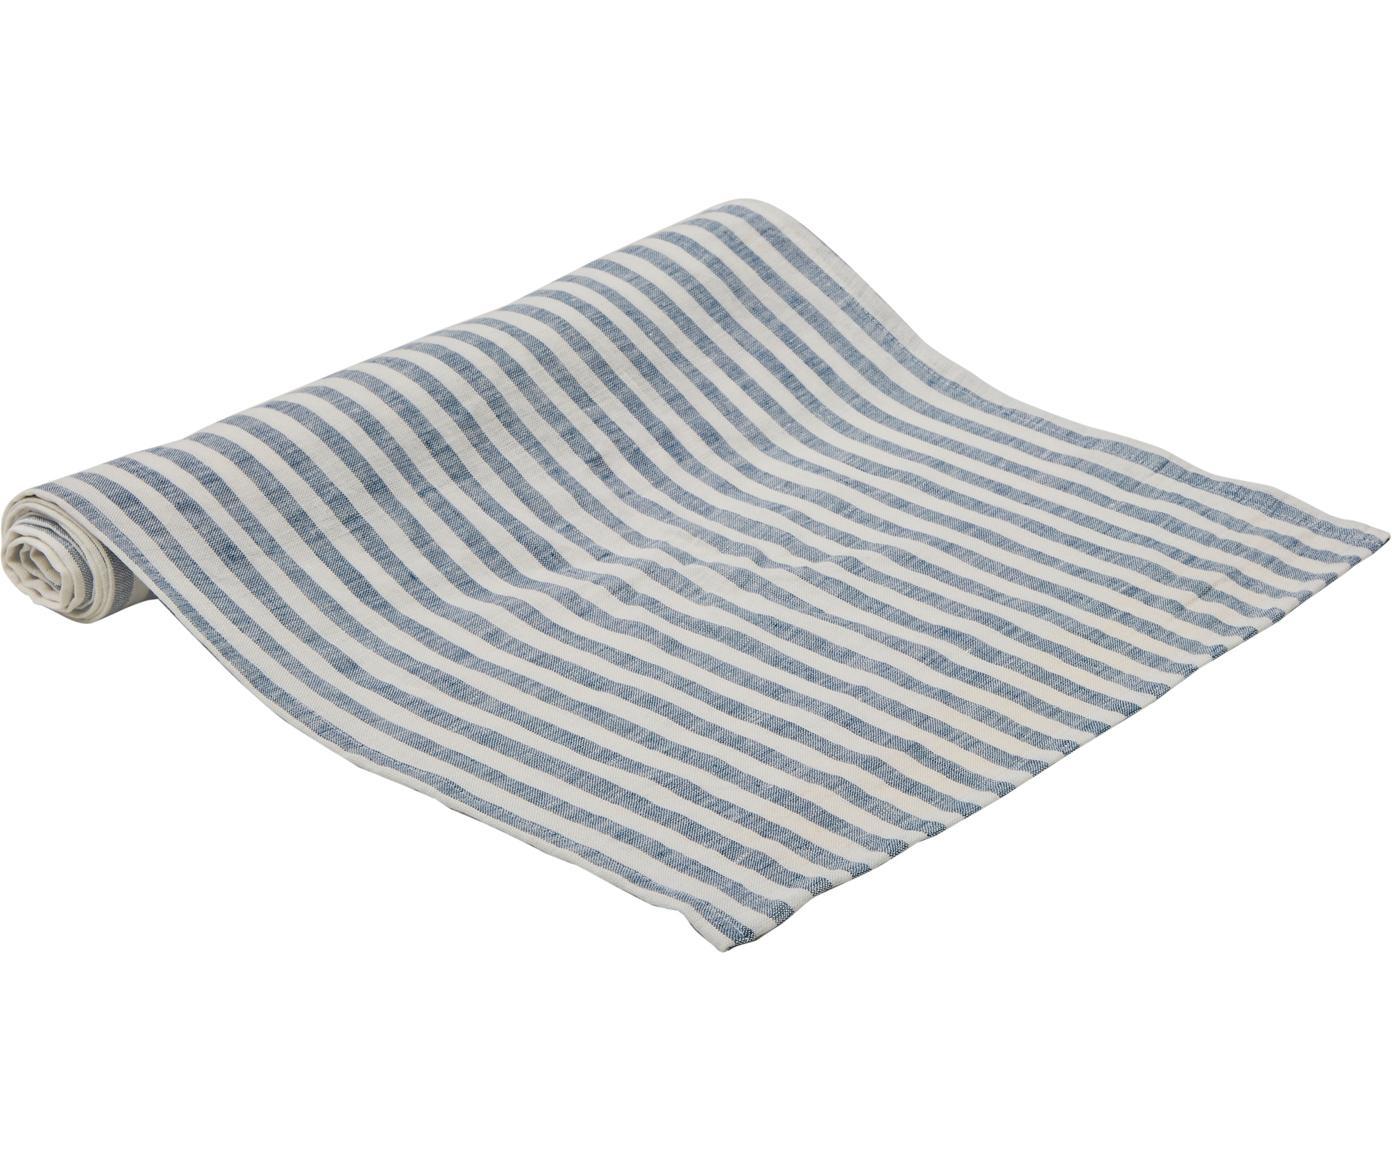 Camino de mesa de lino Solami, Lino, Azul claro, blanco, An 40 x L 150 cm